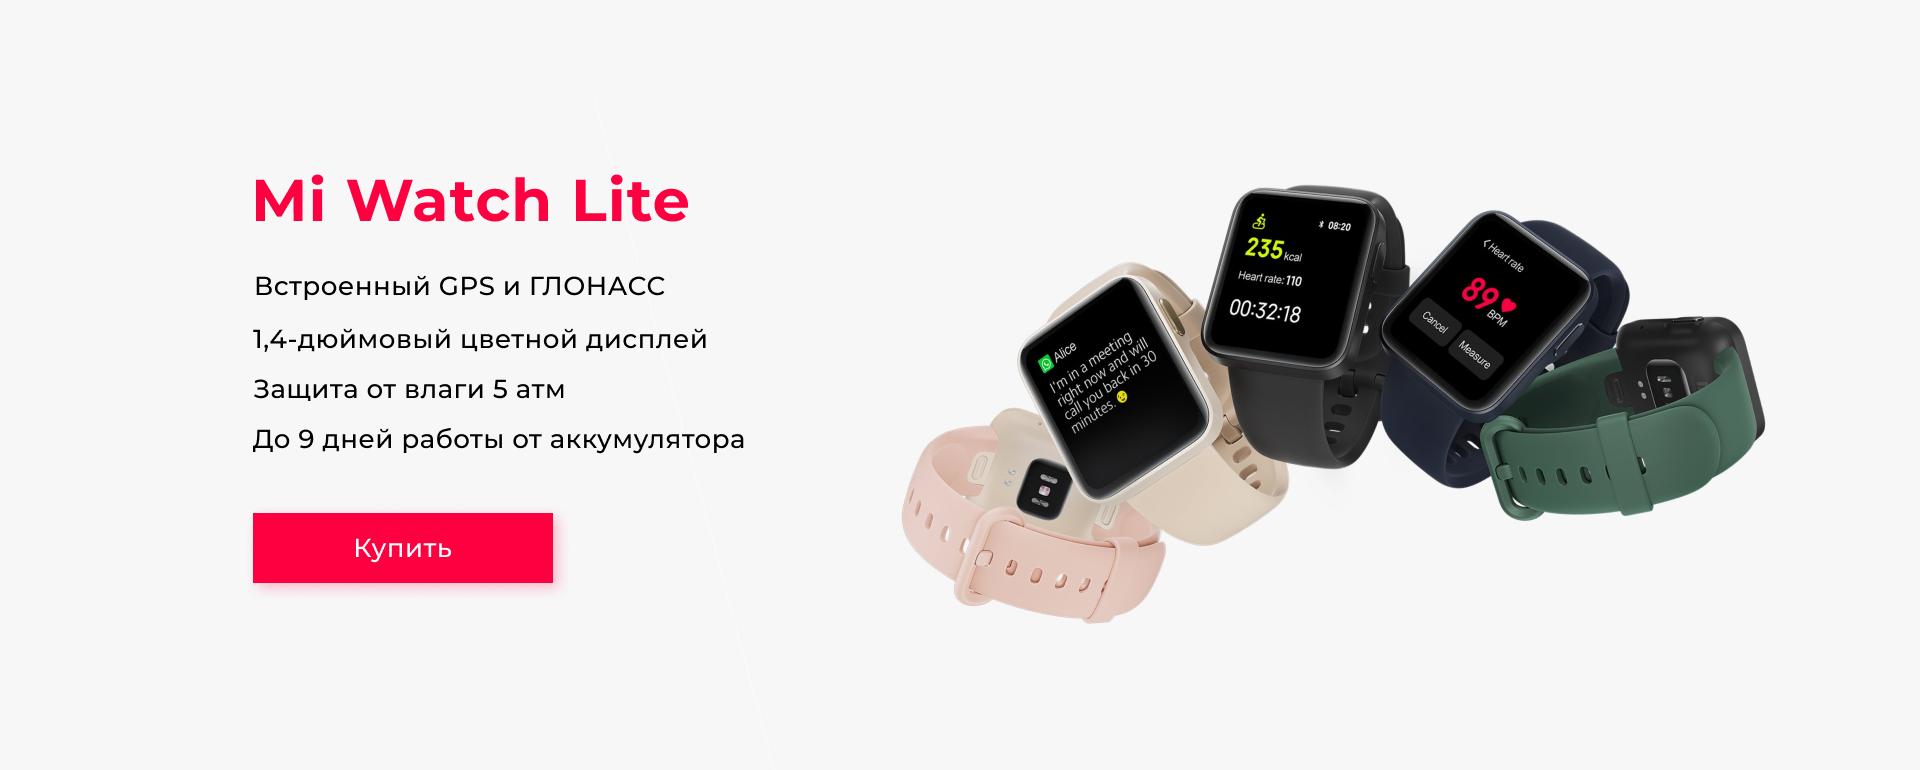 Mi Watch Lite купить